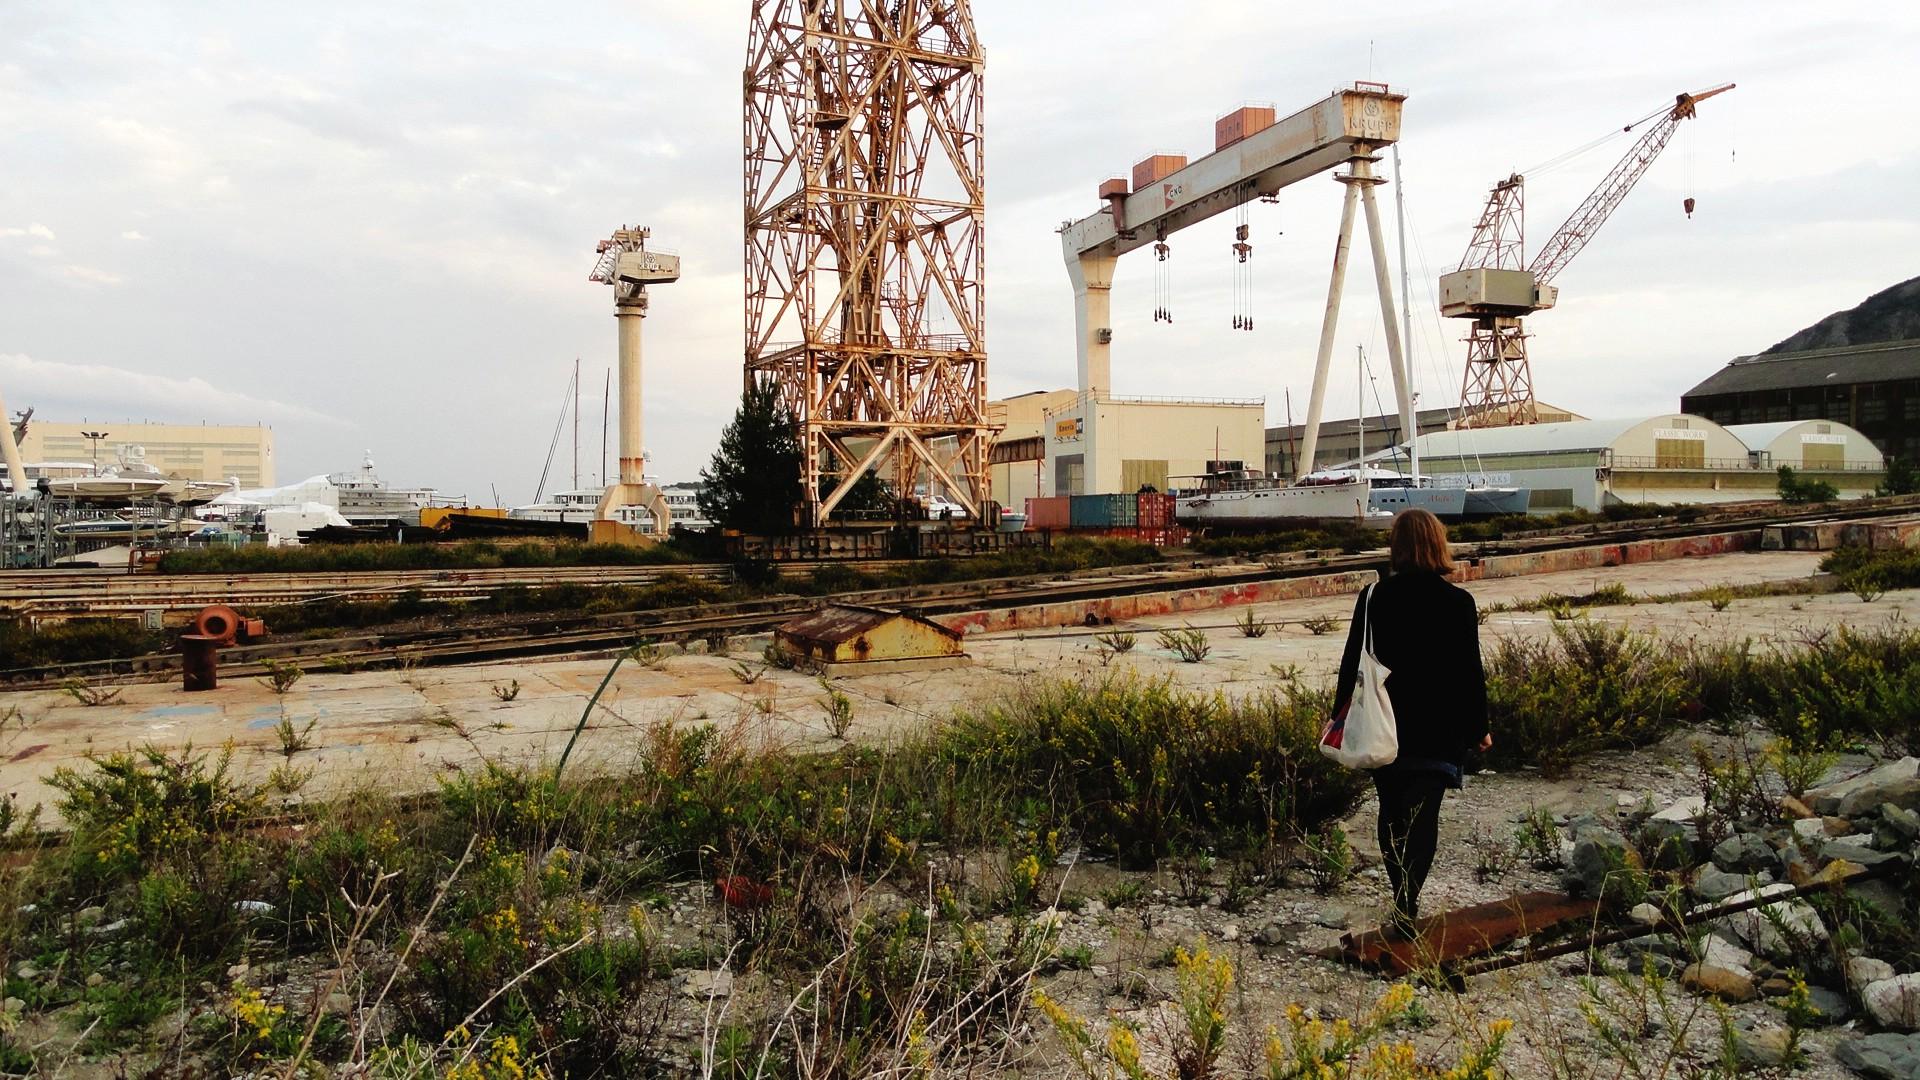 Quelques jours dans le Sud - La Ciotat, chantier naval